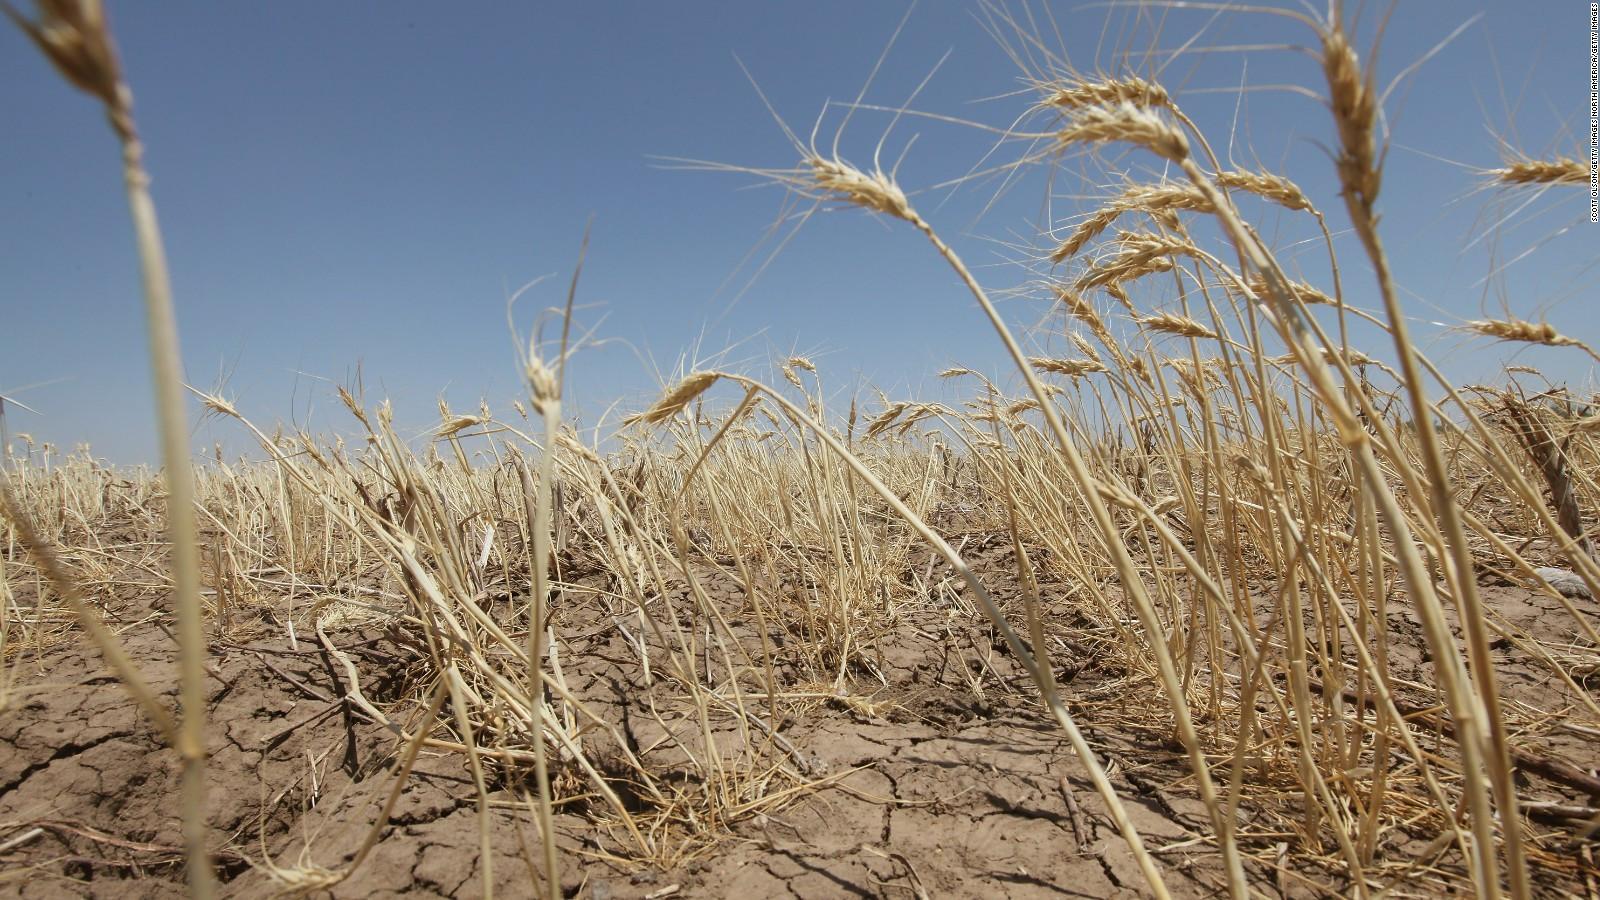 Мировые поставки продовольствия находятся под угрозой из-за неустойчивого климата